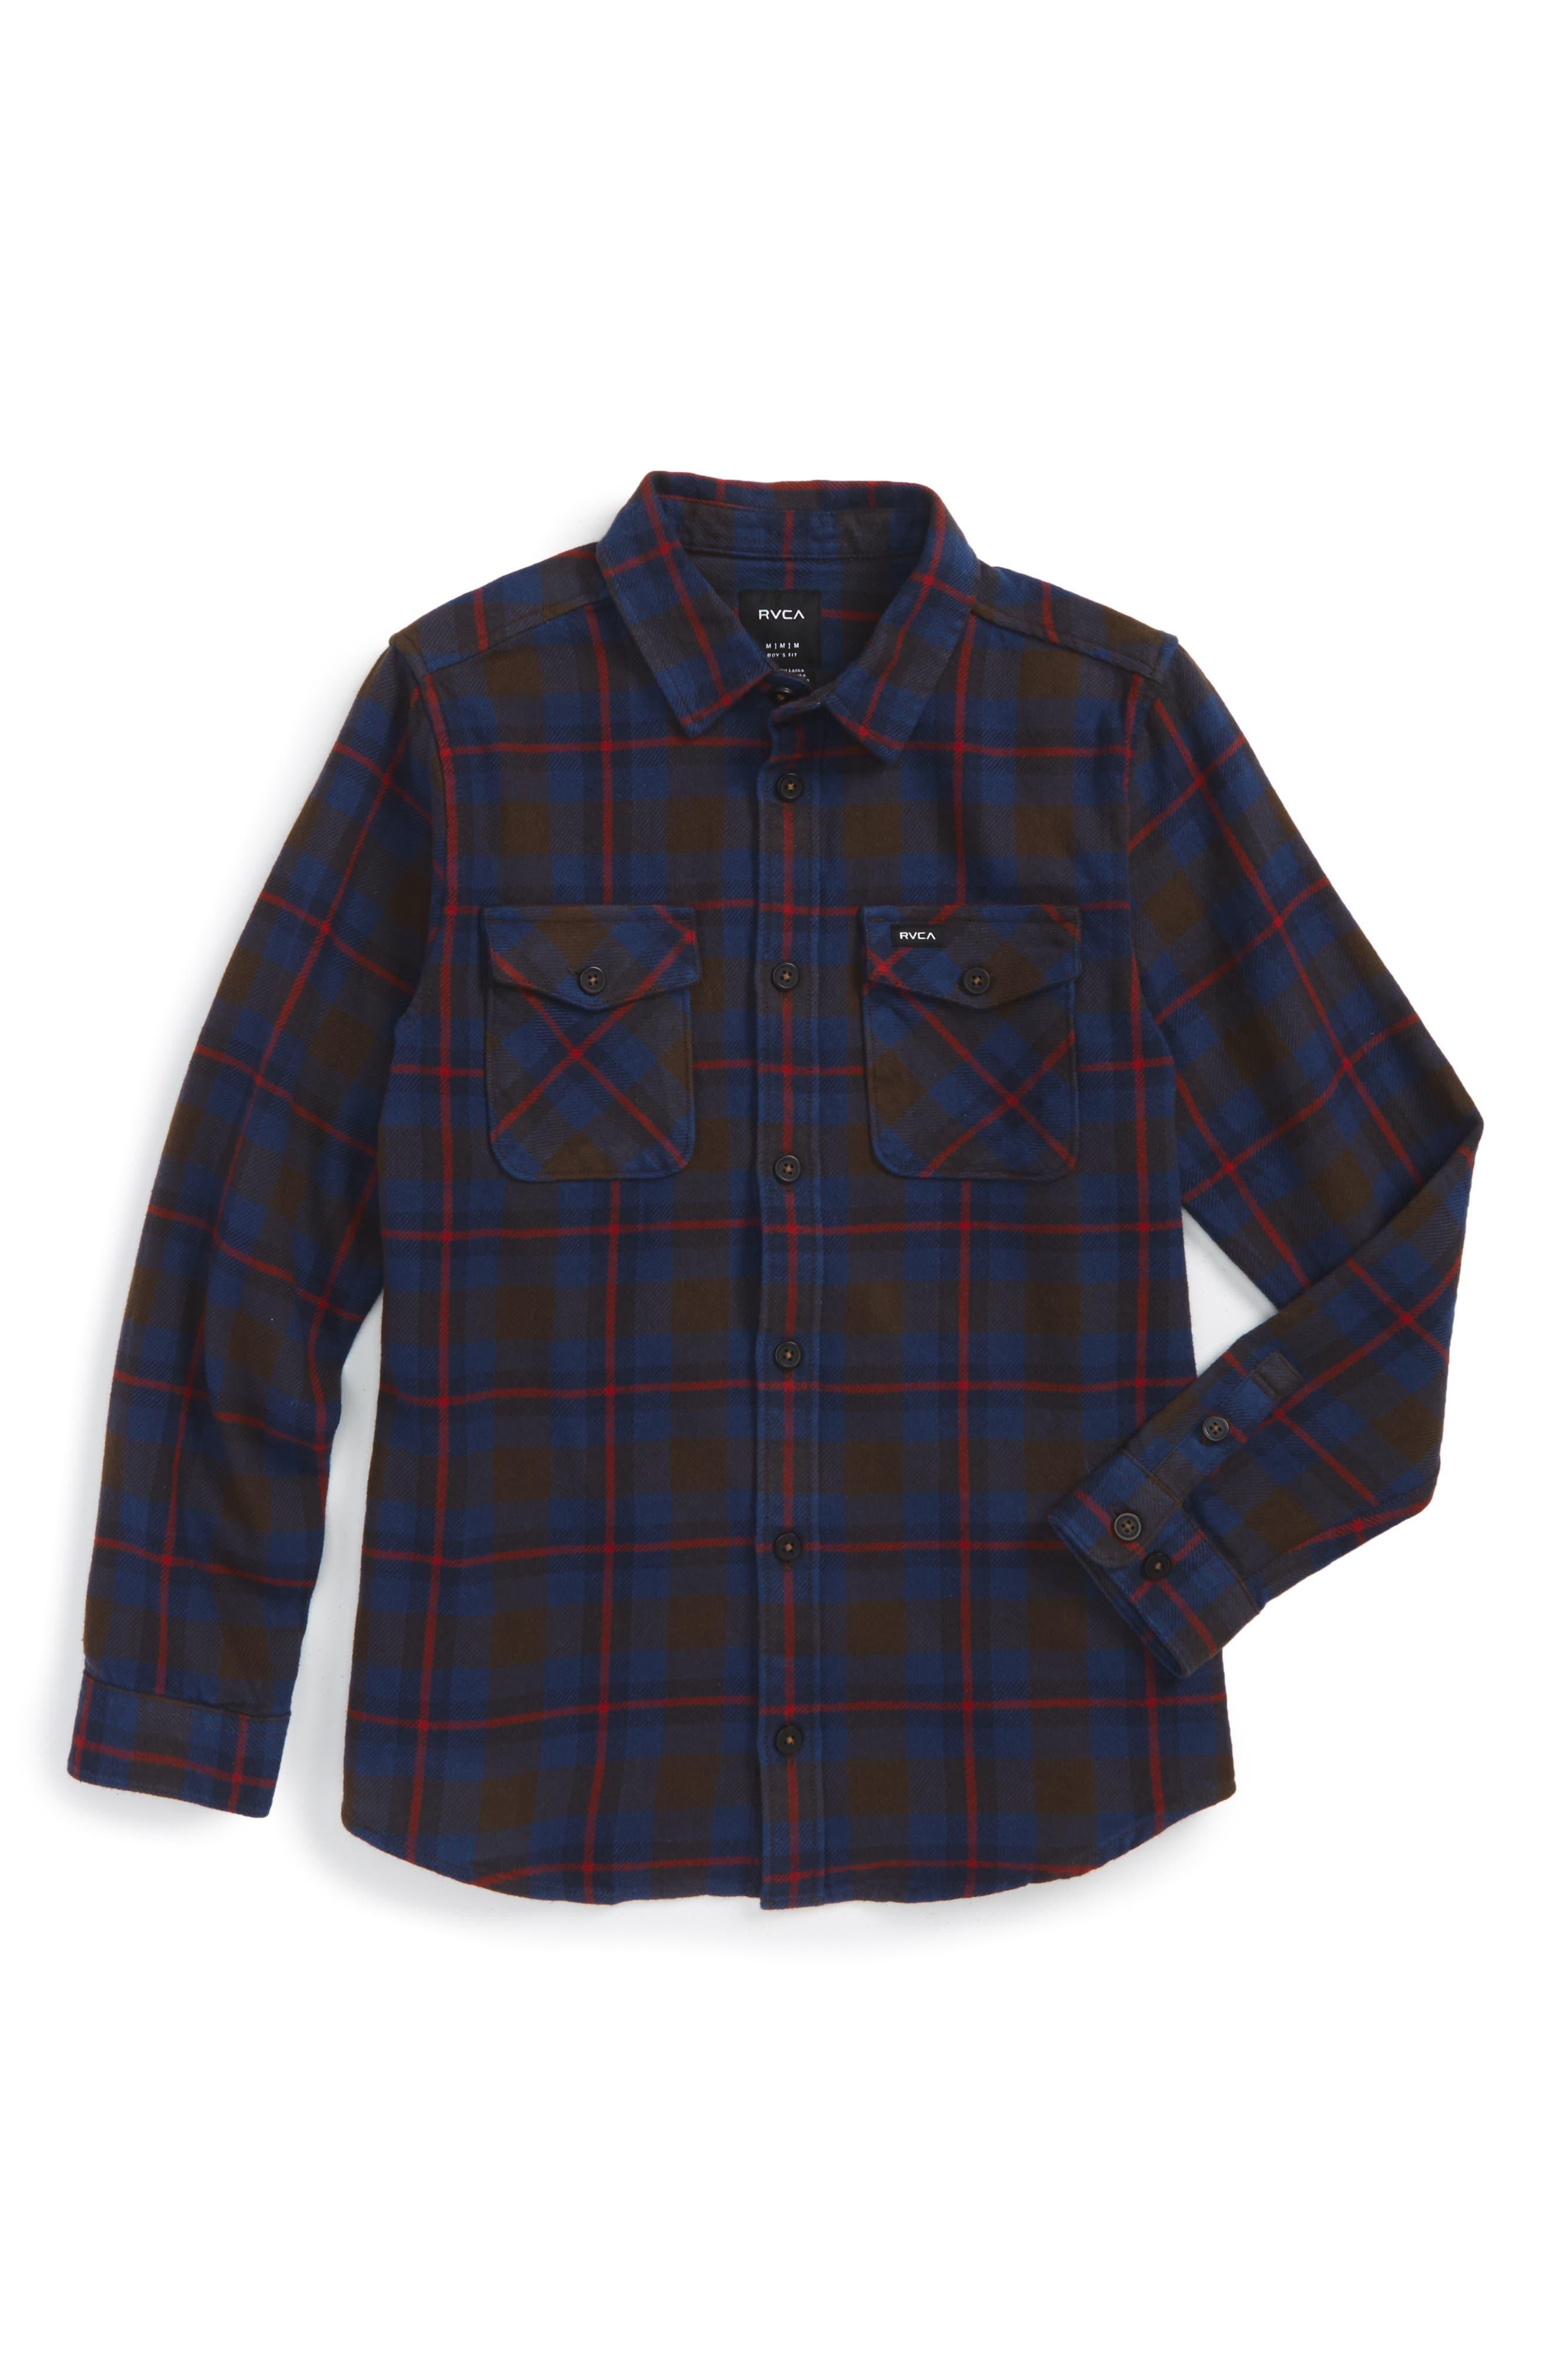 RVCA That'll Work Plaid Flannel Shirt (Big Boys)